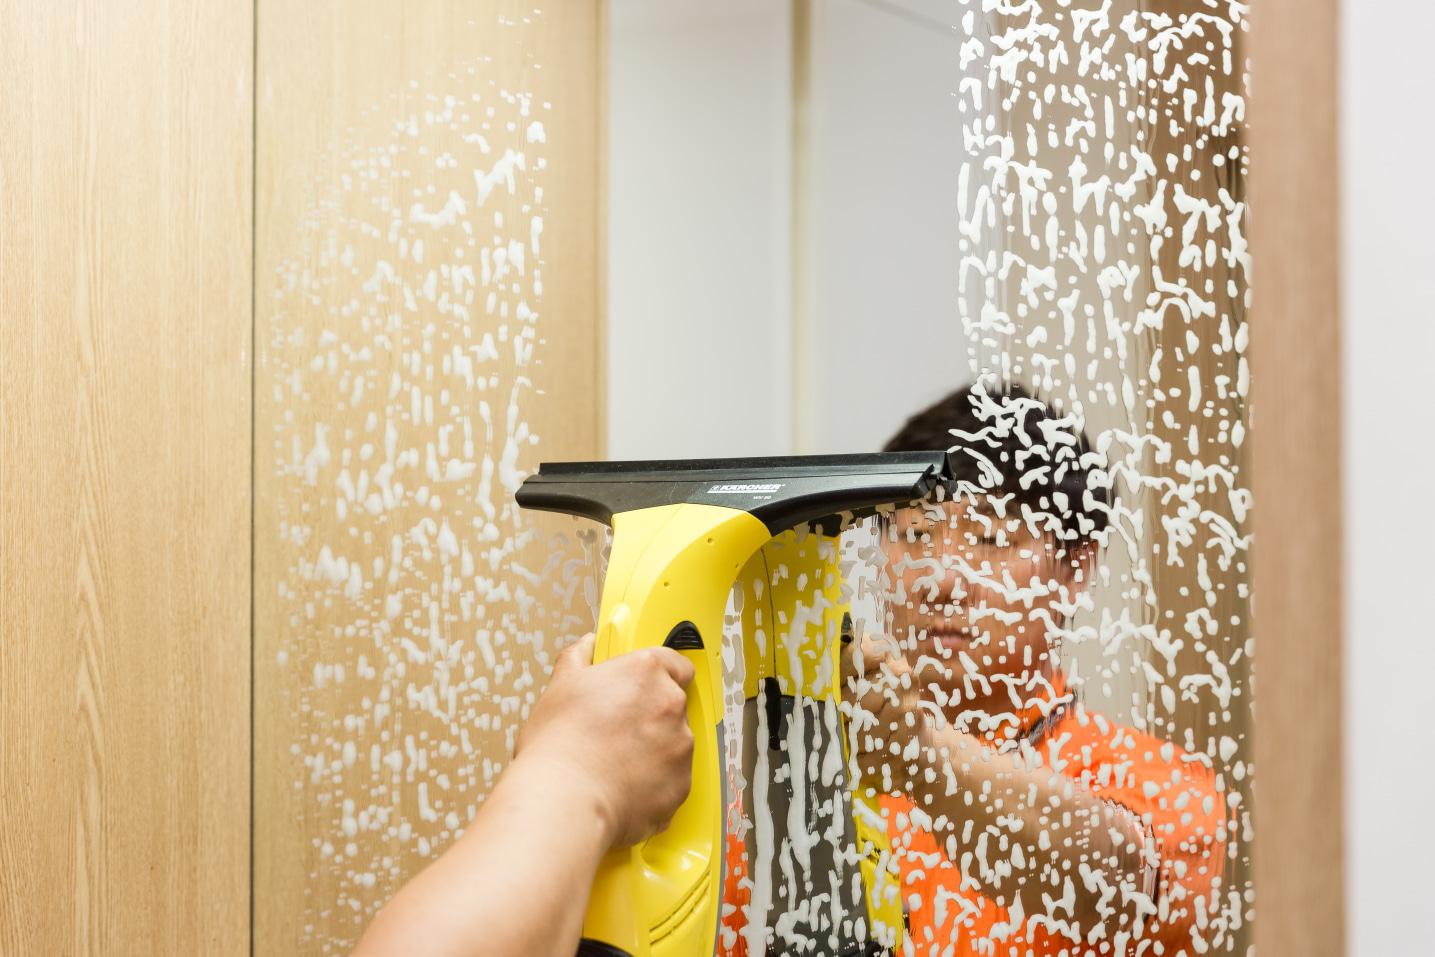 욕실청소,주방,창틀 부분별 열정가득한 청소전문가!